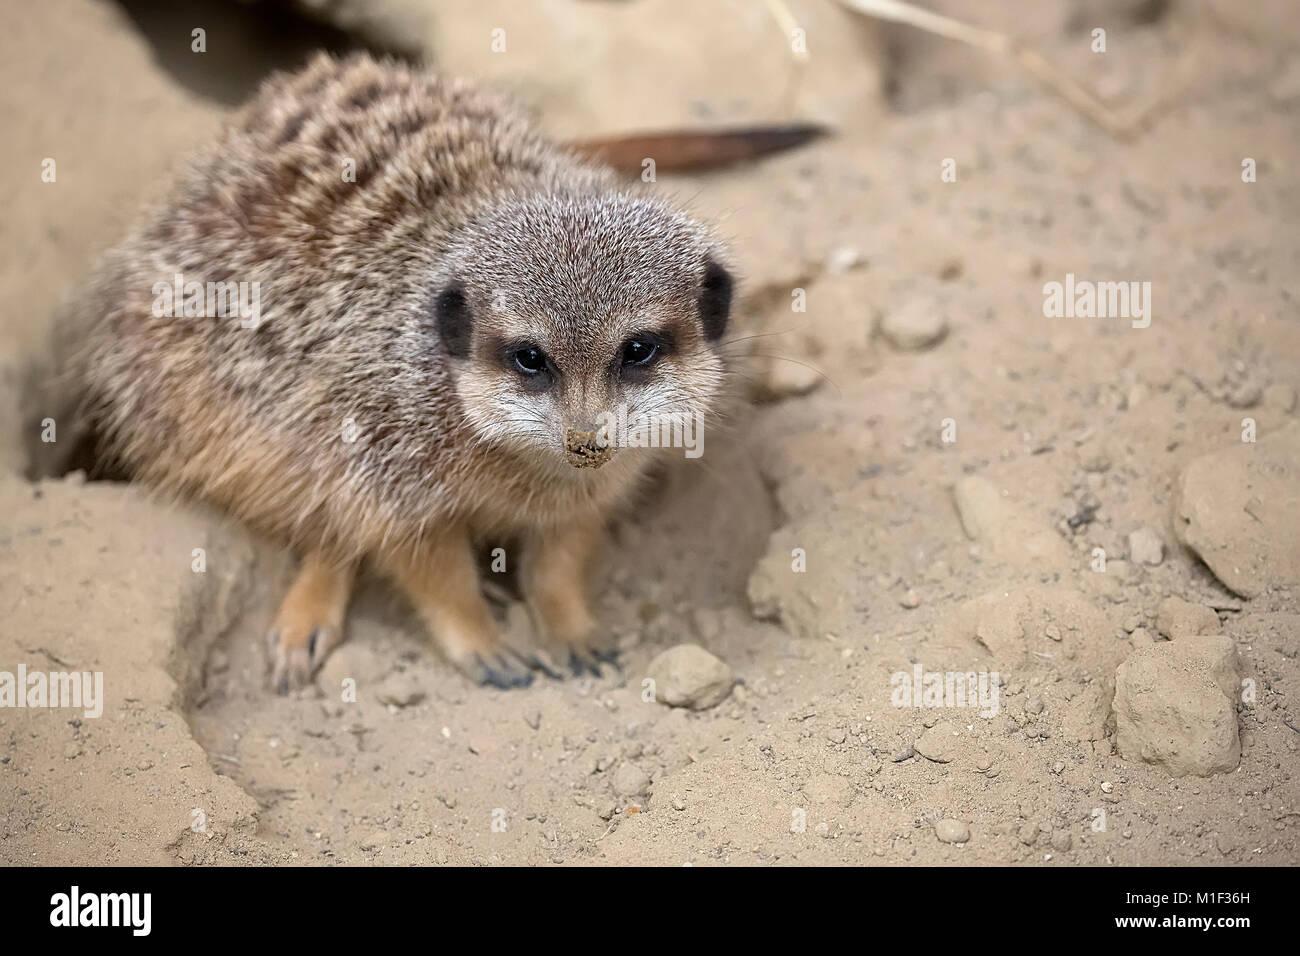 Meerkat in the wild - Stock Image